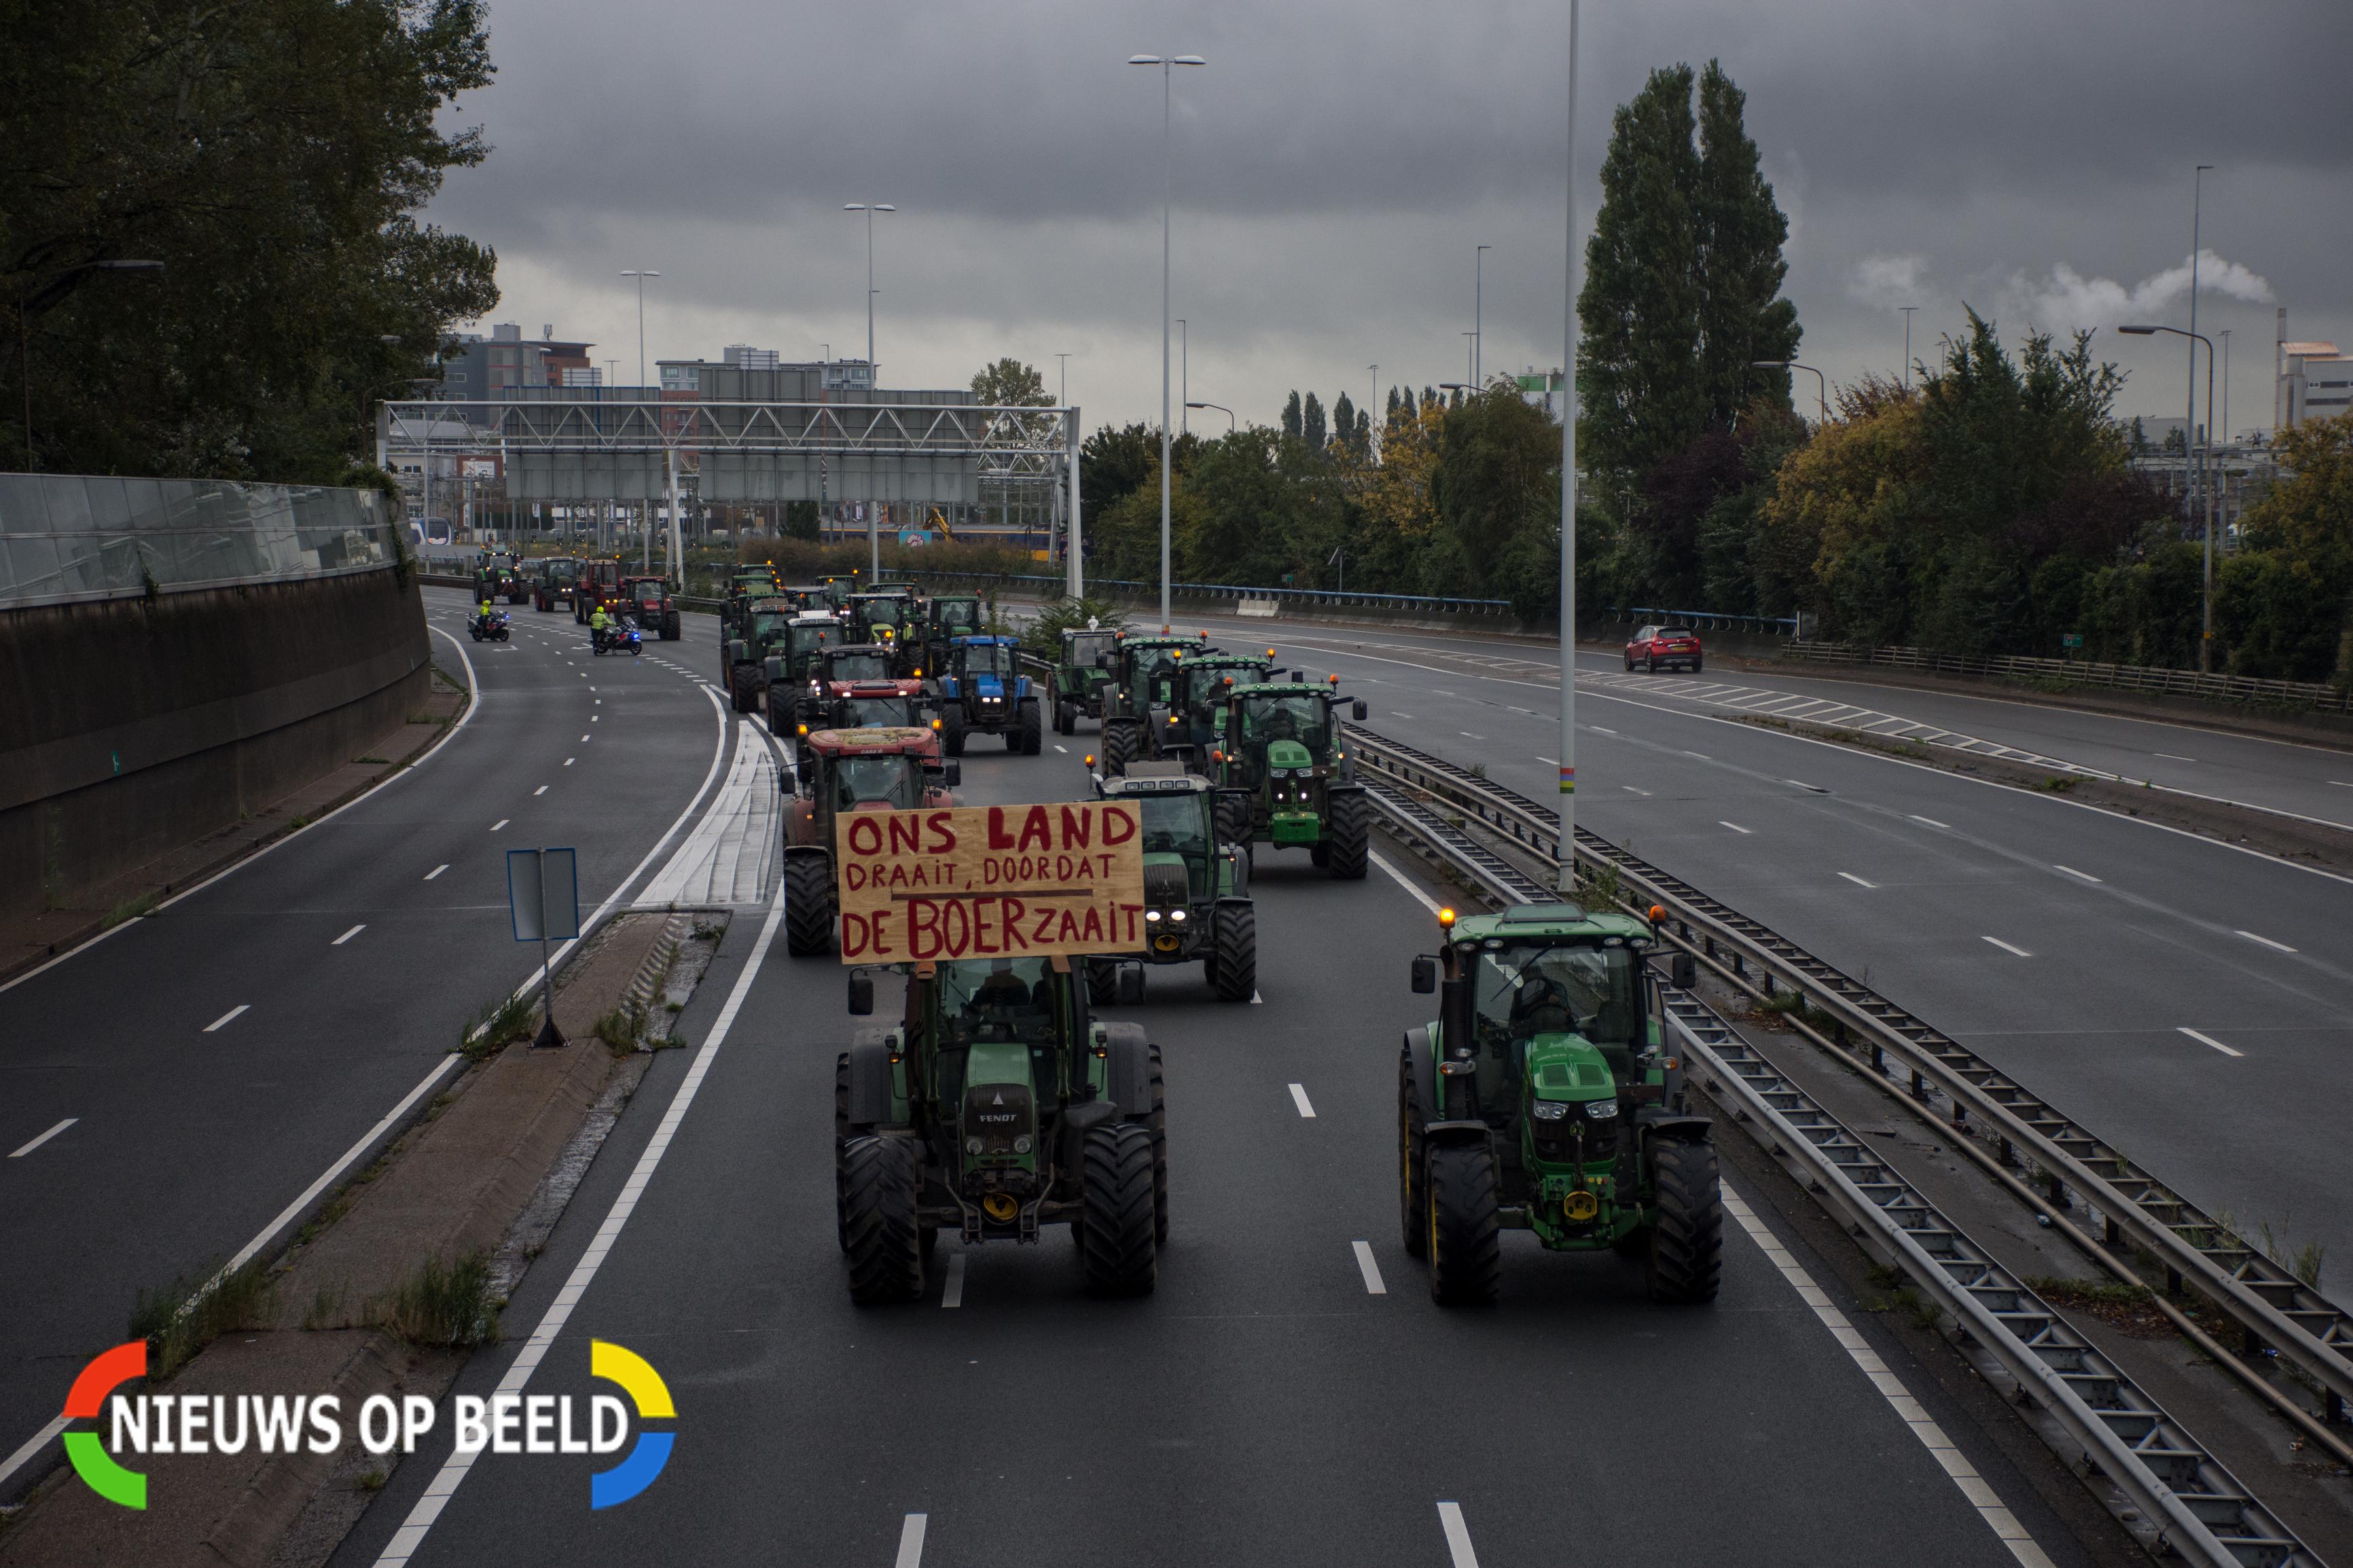 Drukkere ochtendspits verwacht door boerenprotesten